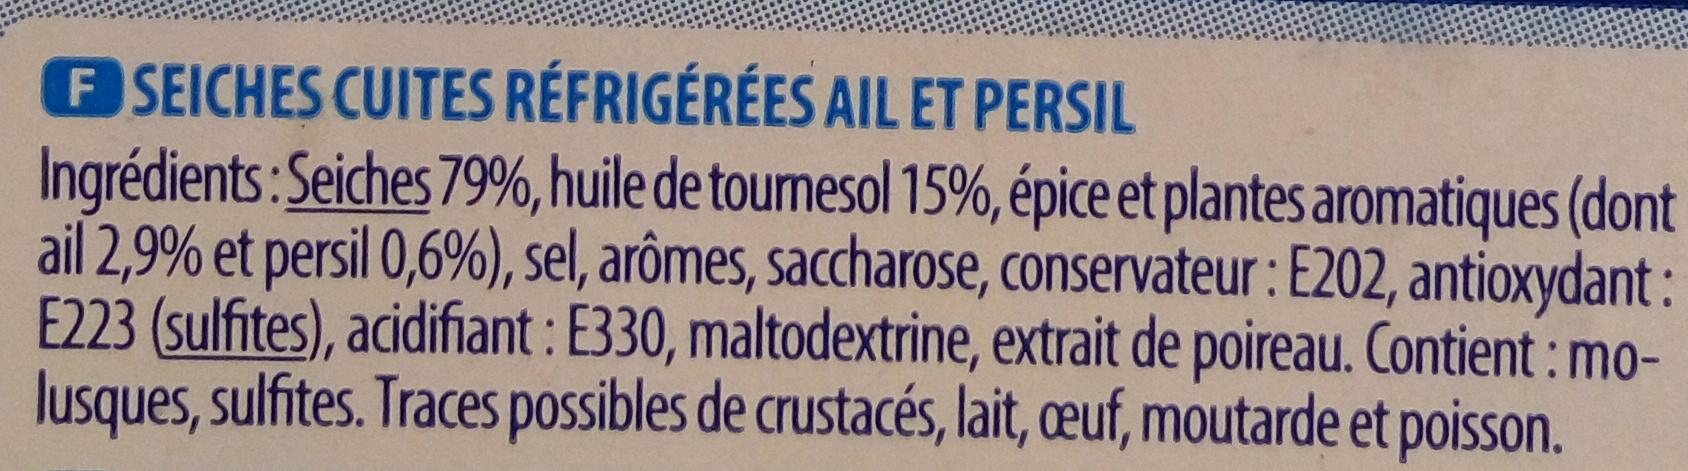 Petites Seiches Marinées Ail et Persil - Ingrediënten - fr